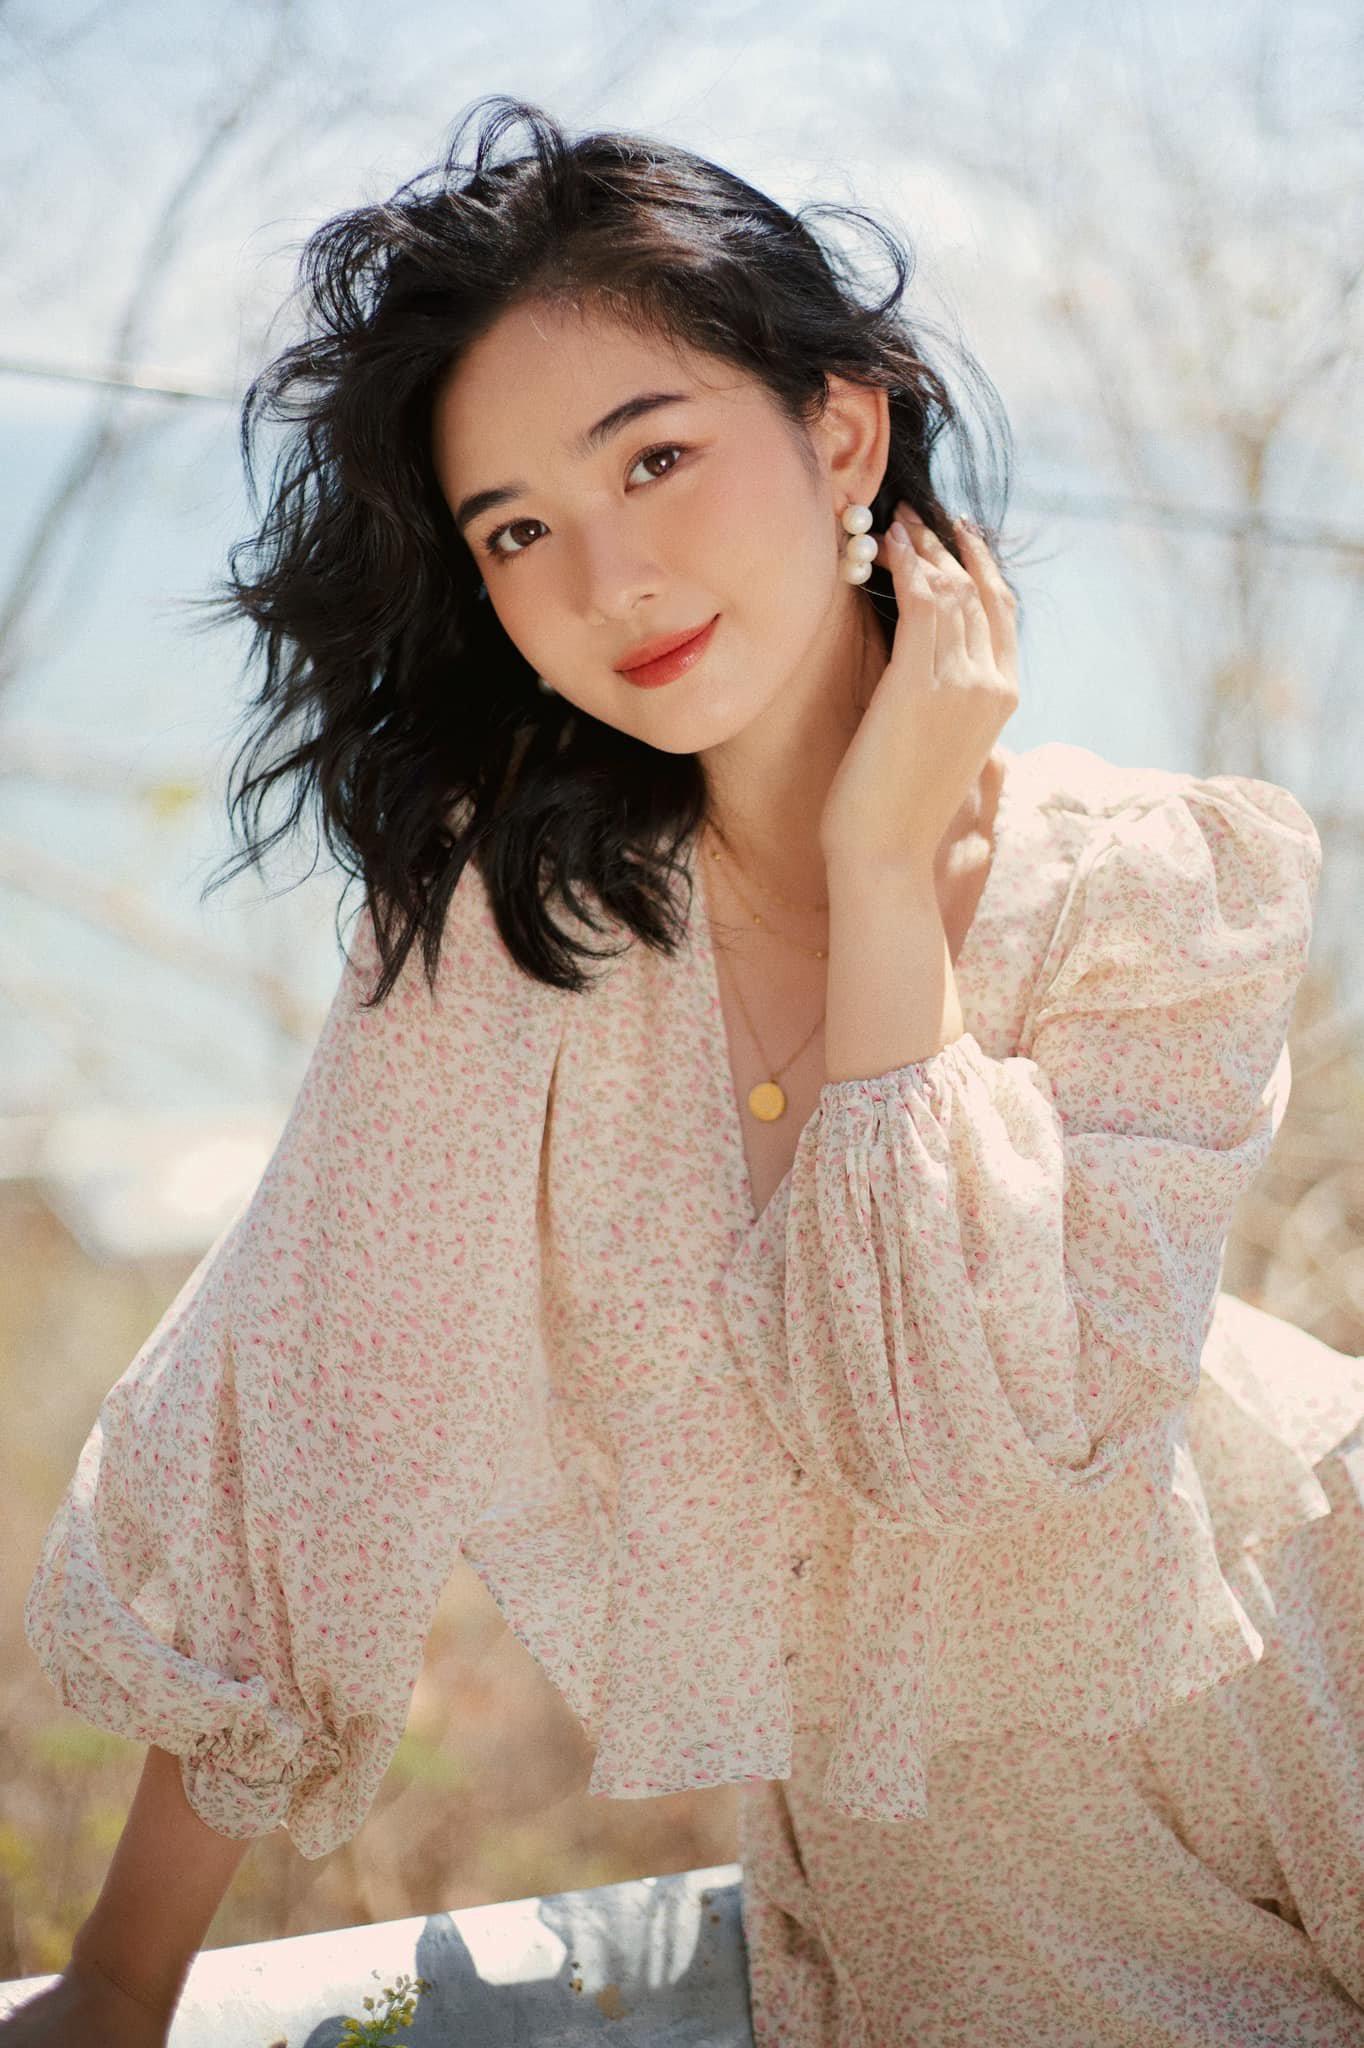 Nữ sinh RMIT sở hữu vẻ đẹp thanh thoát và nụ cười tỏa nắng - 2